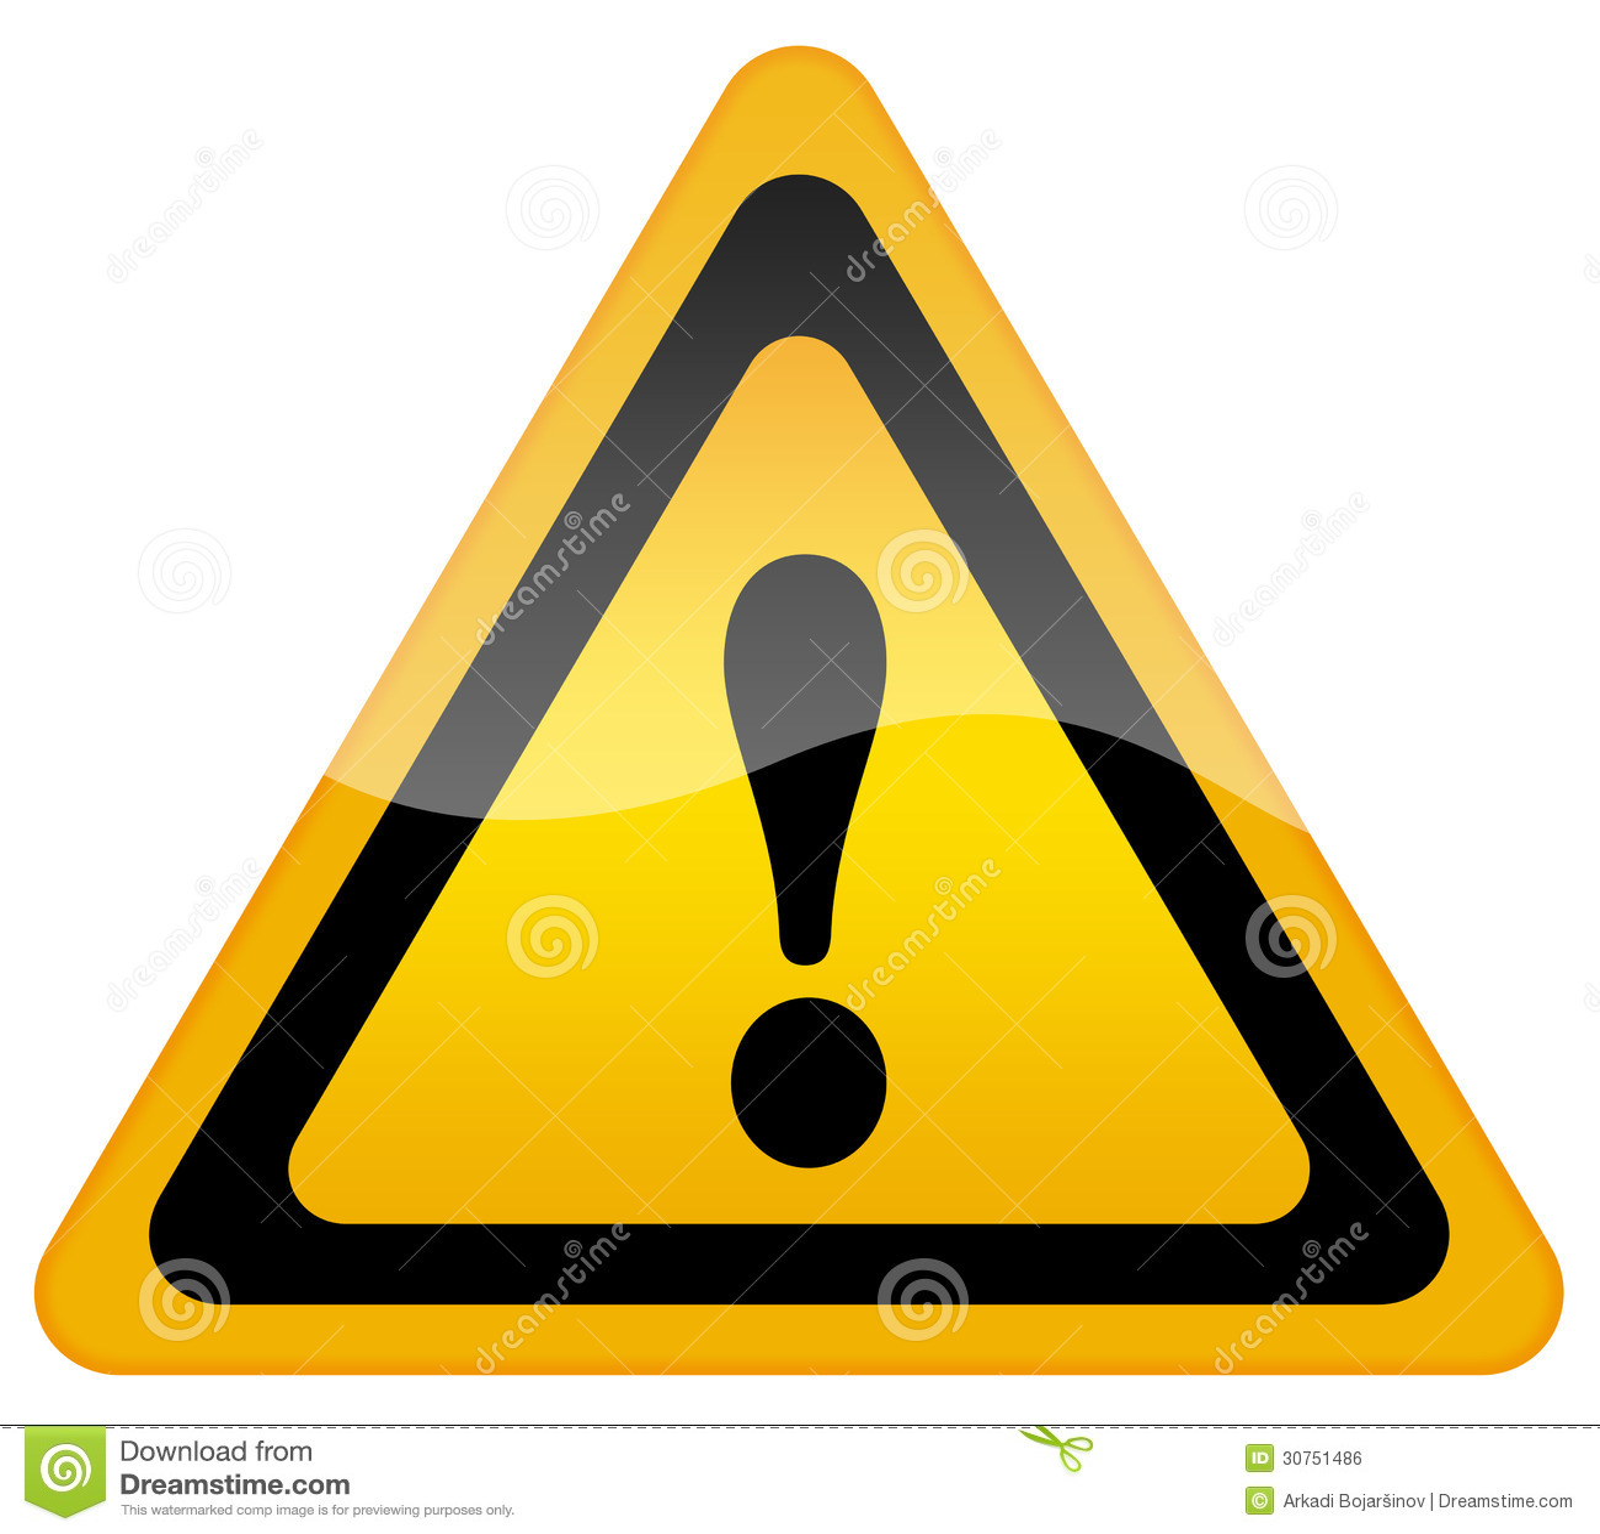 panneau d 39 avertissement de danger image libre de droits image 30751486. Black Bedroom Furniture Sets. Home Design Ideas